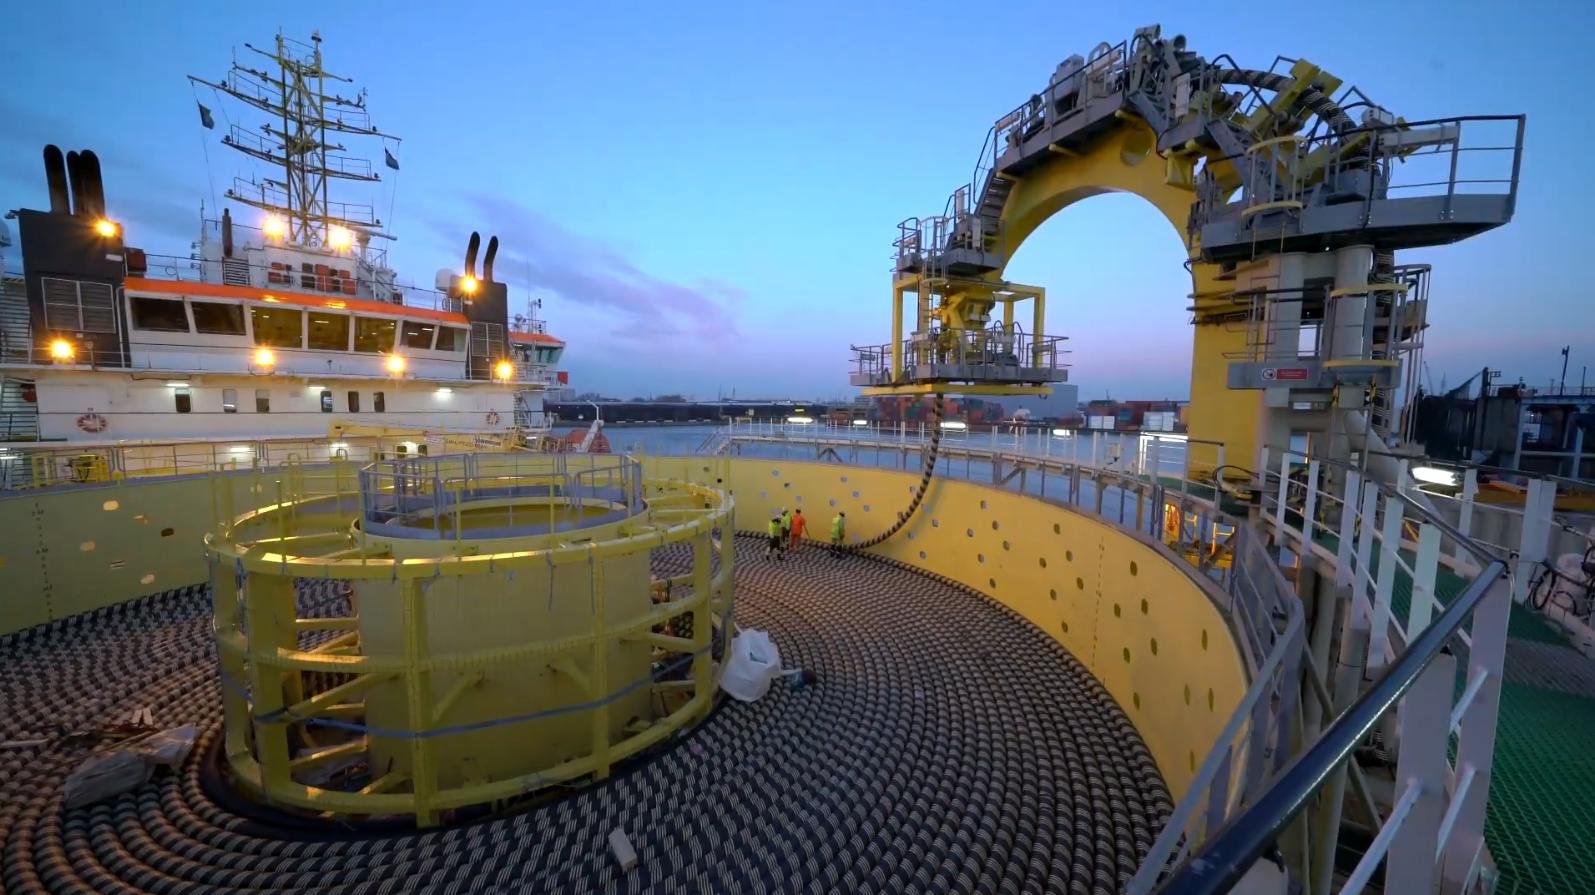 从中国到法国,12000公里的海底超级工程,美国也无法阻止